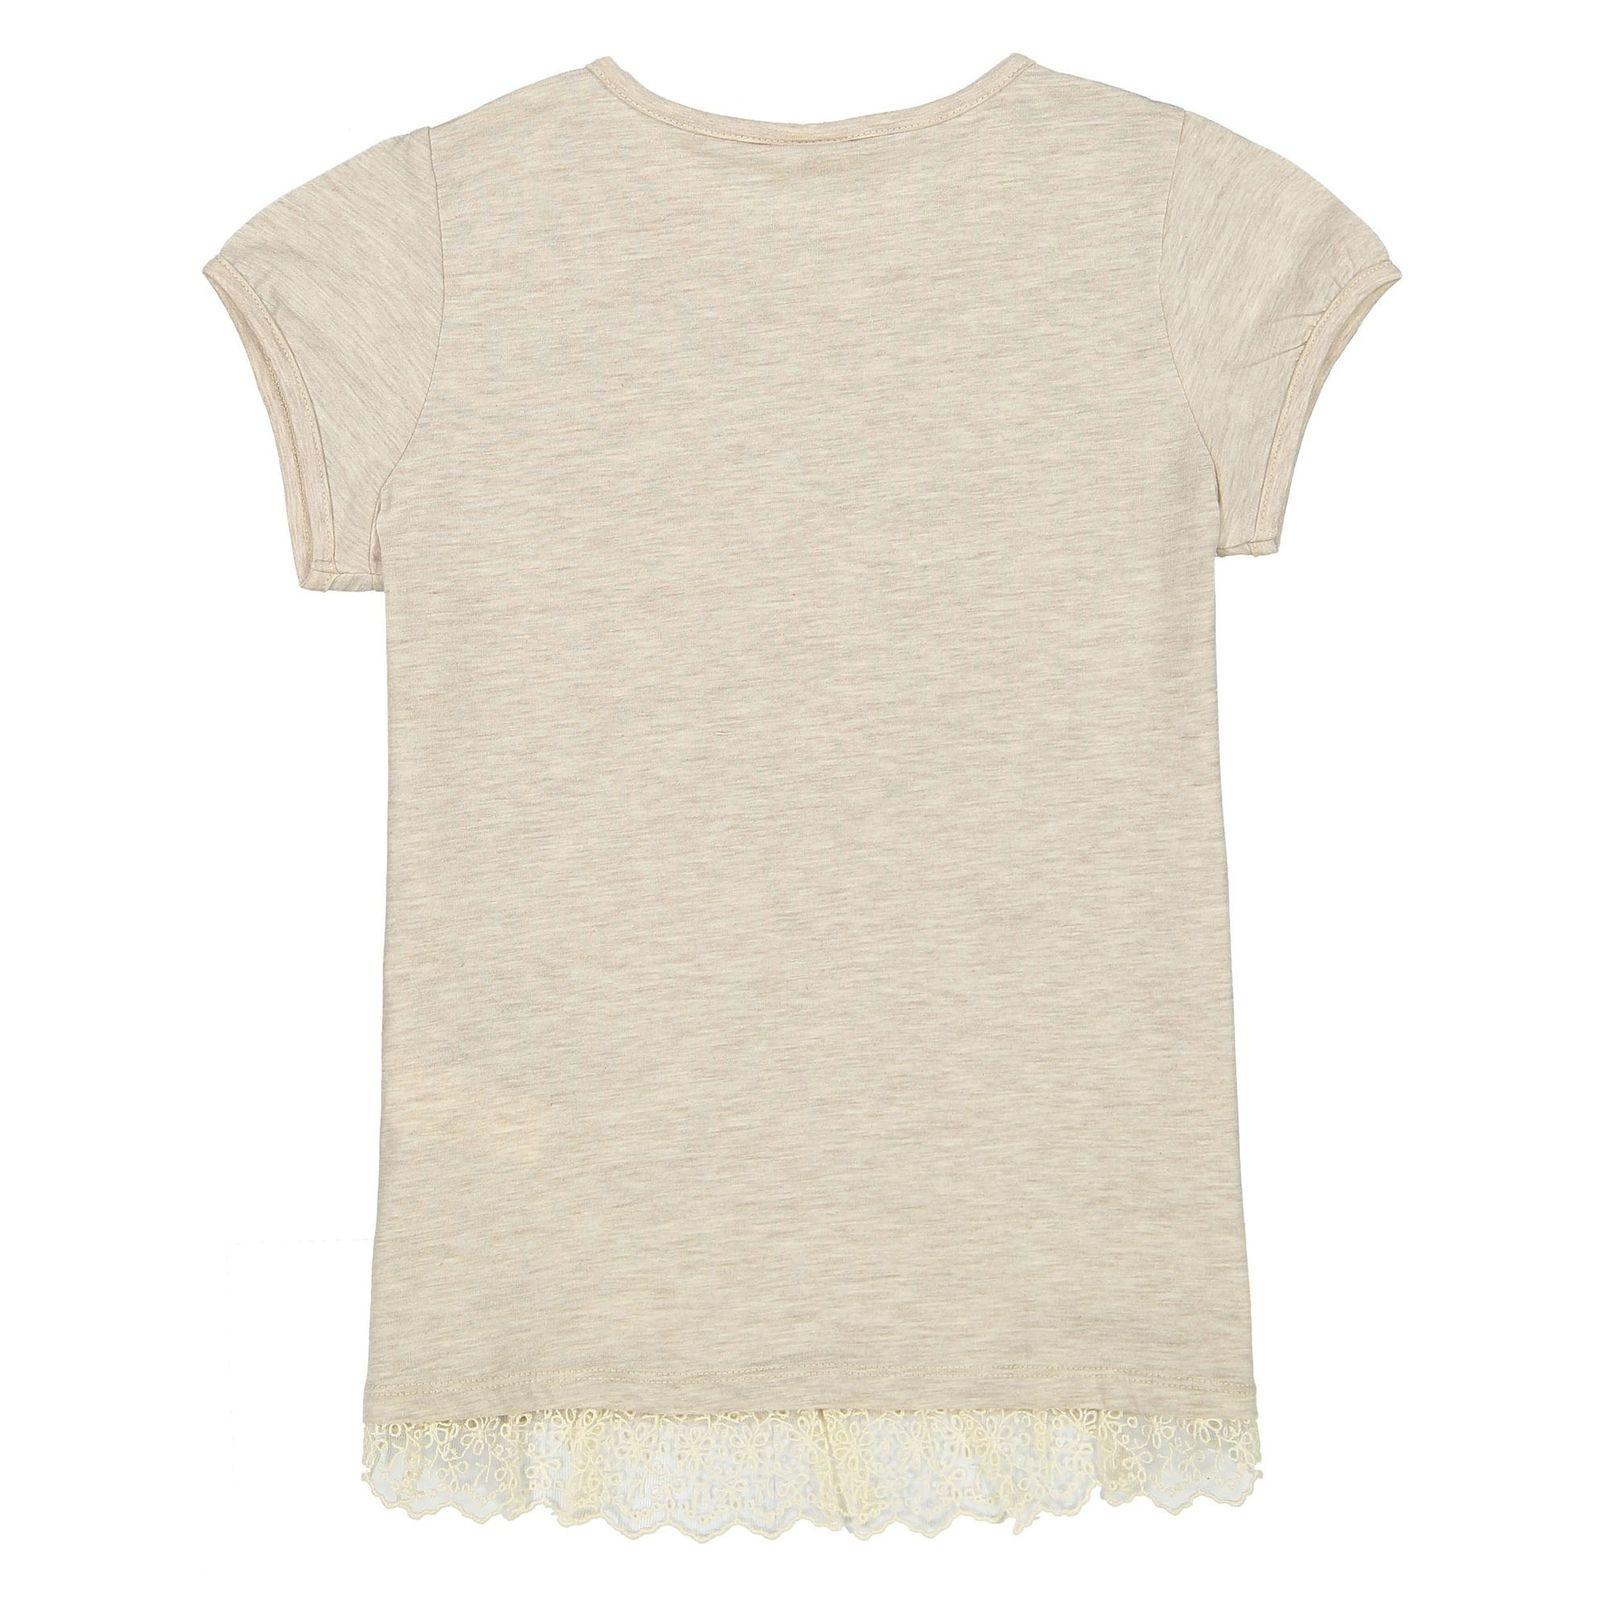 تی شرت ویسکوز یقه گرد دخترانه - ال سی وایکیکی - کرم - 2